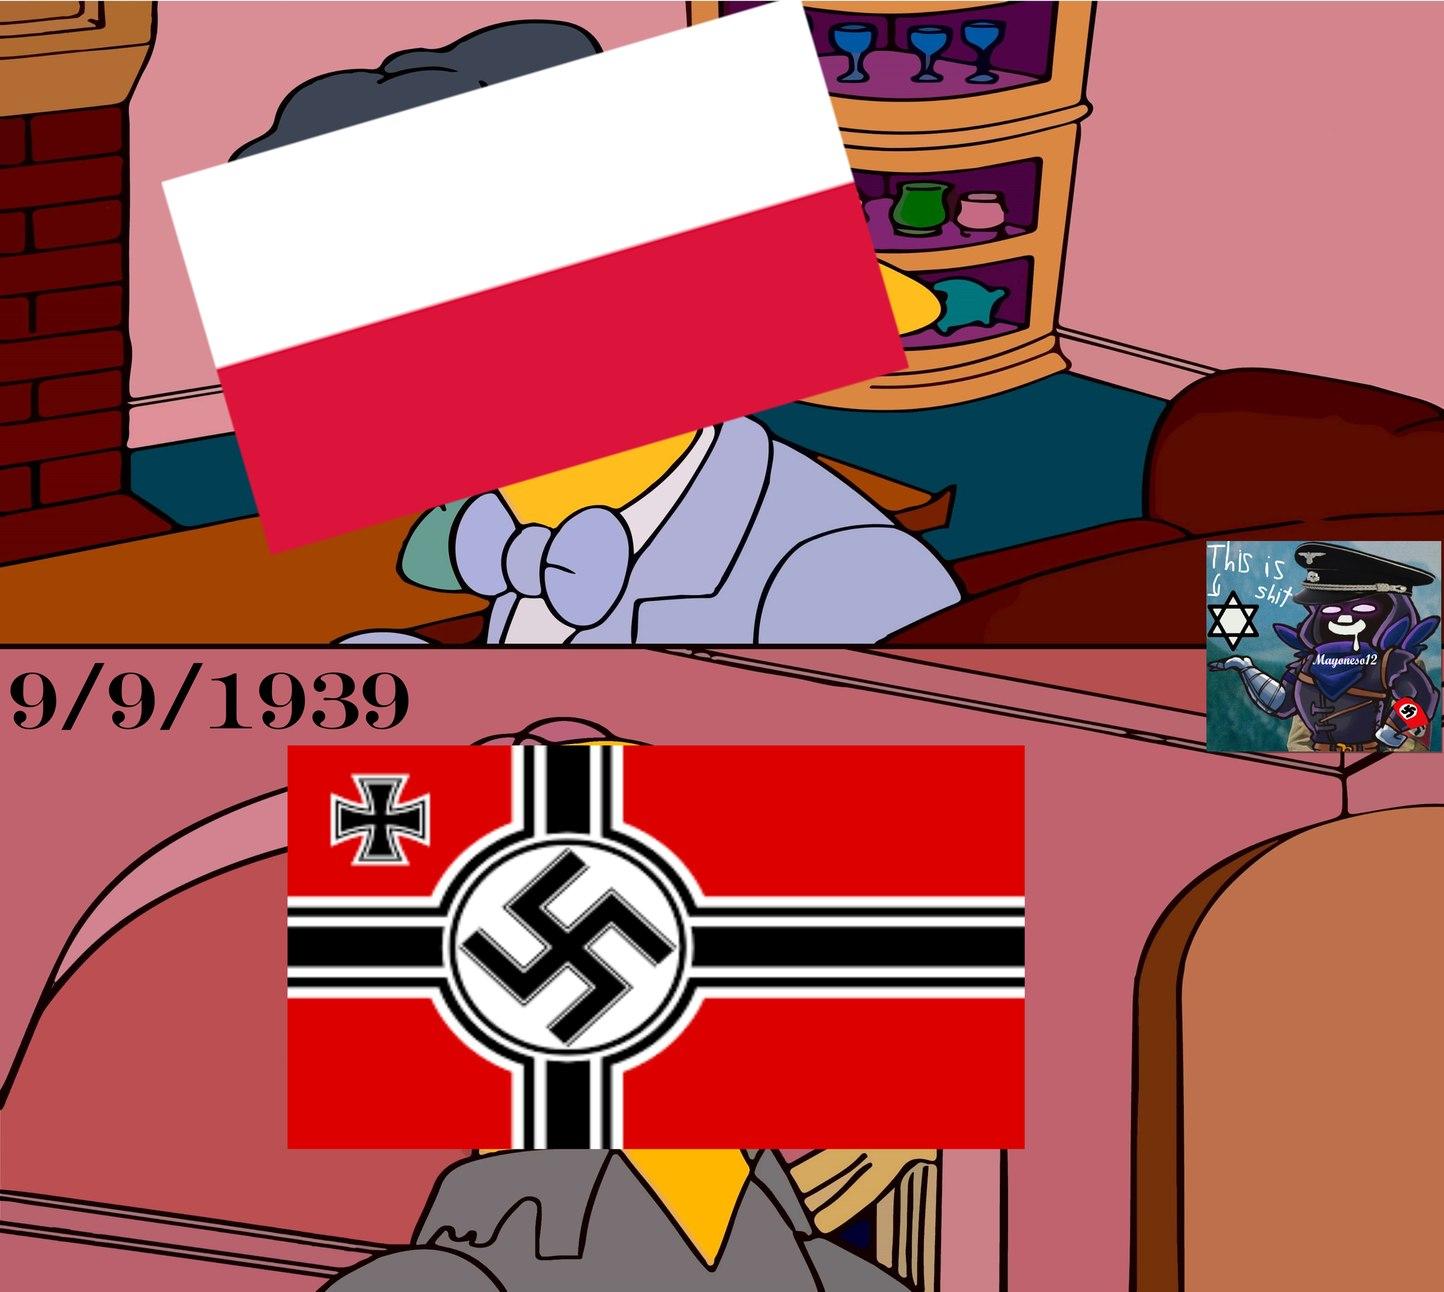 Poland.exe stop work. - meme